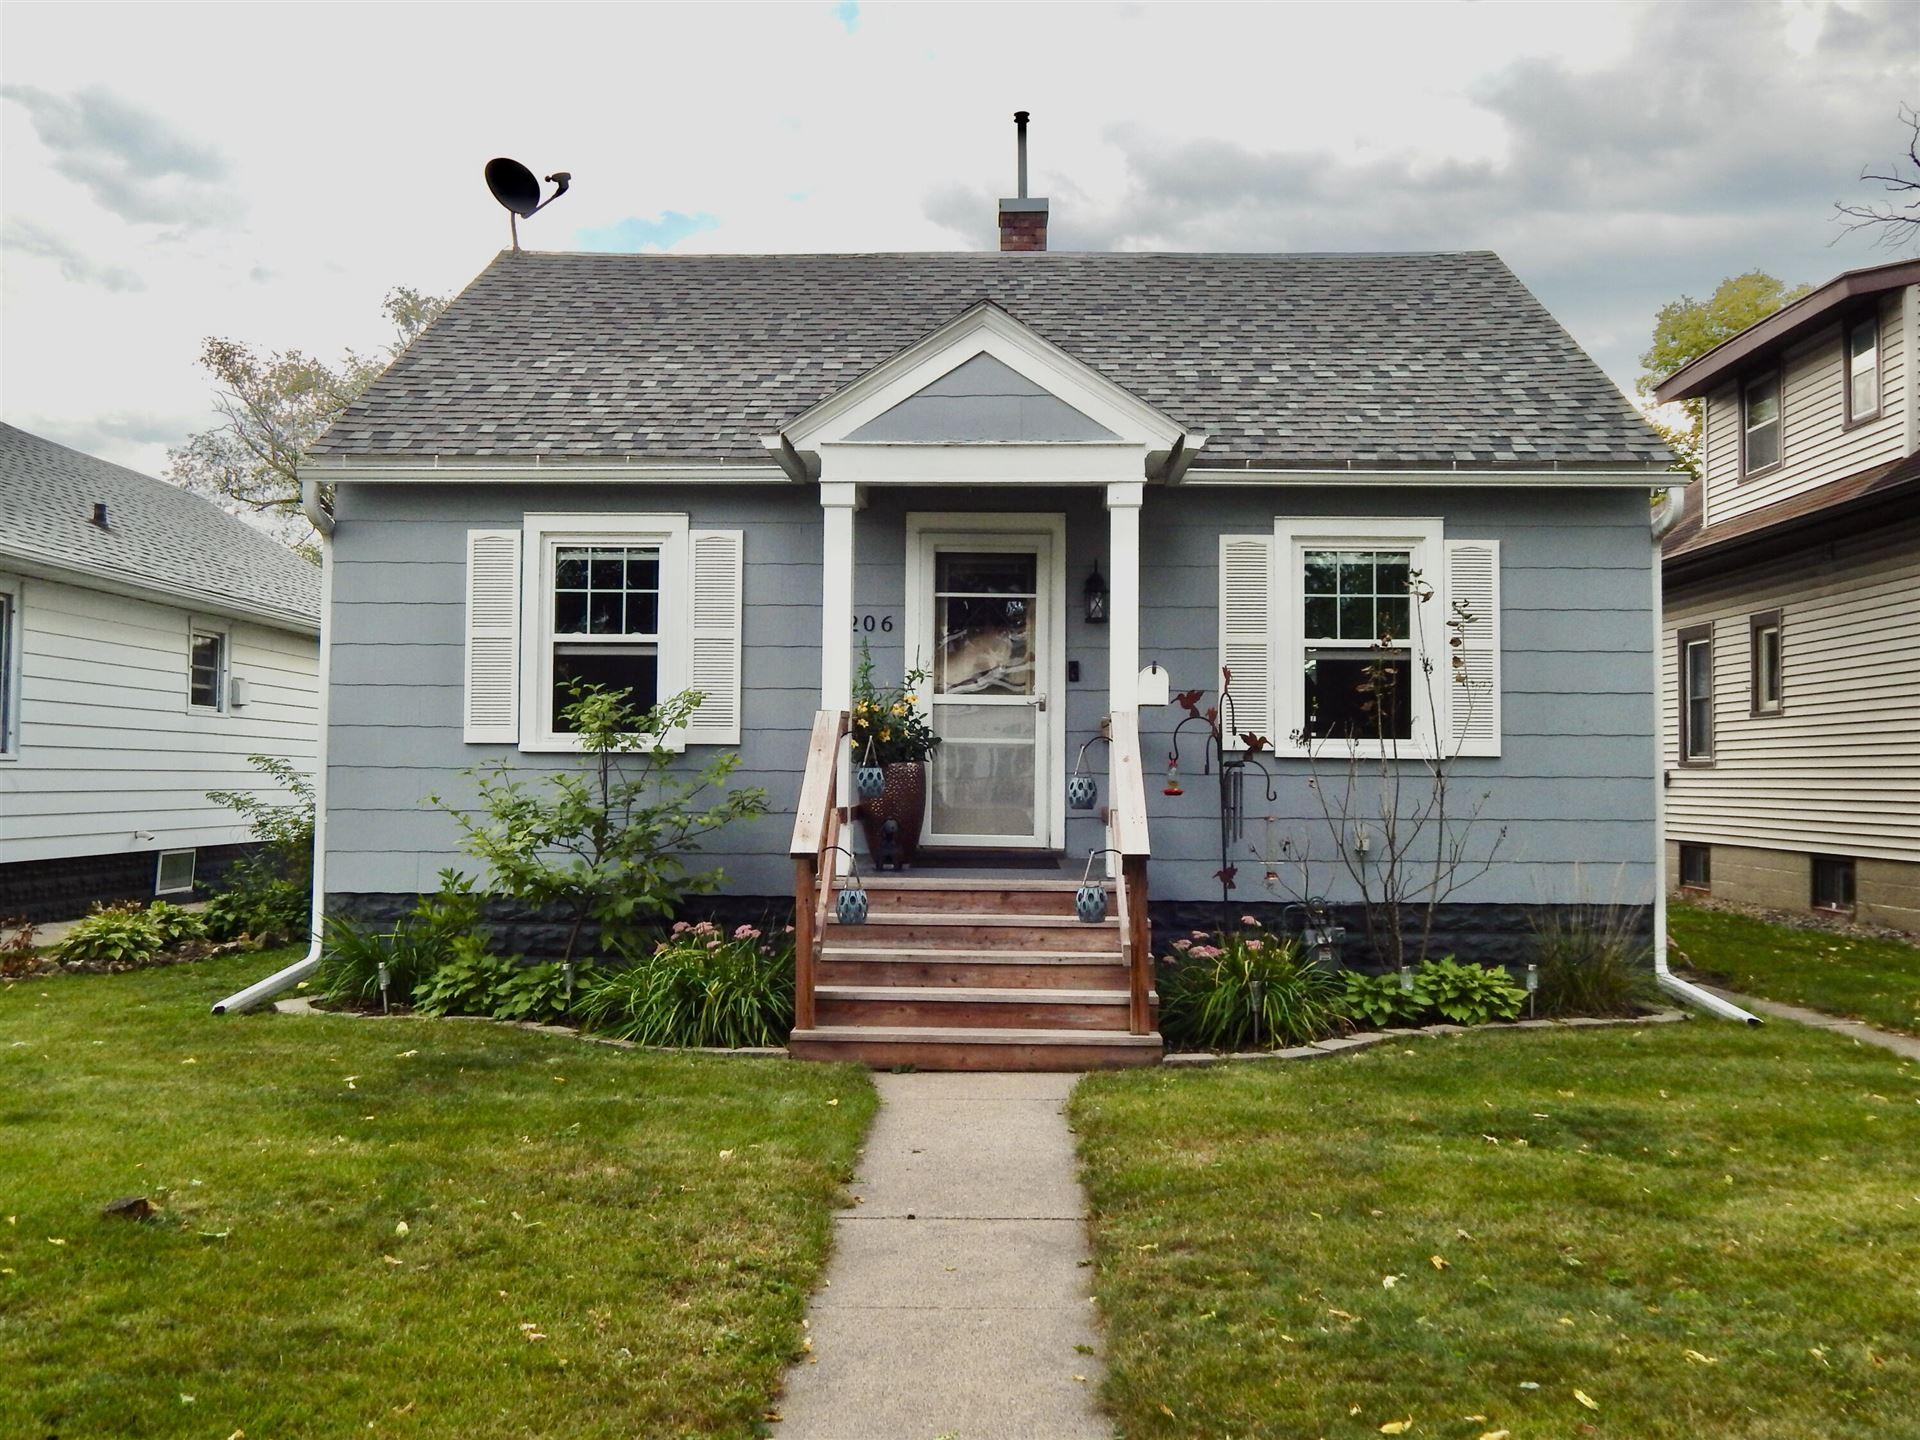 2206 Prospect St, La Crosse, WI 54603 - MLS#: 1763880